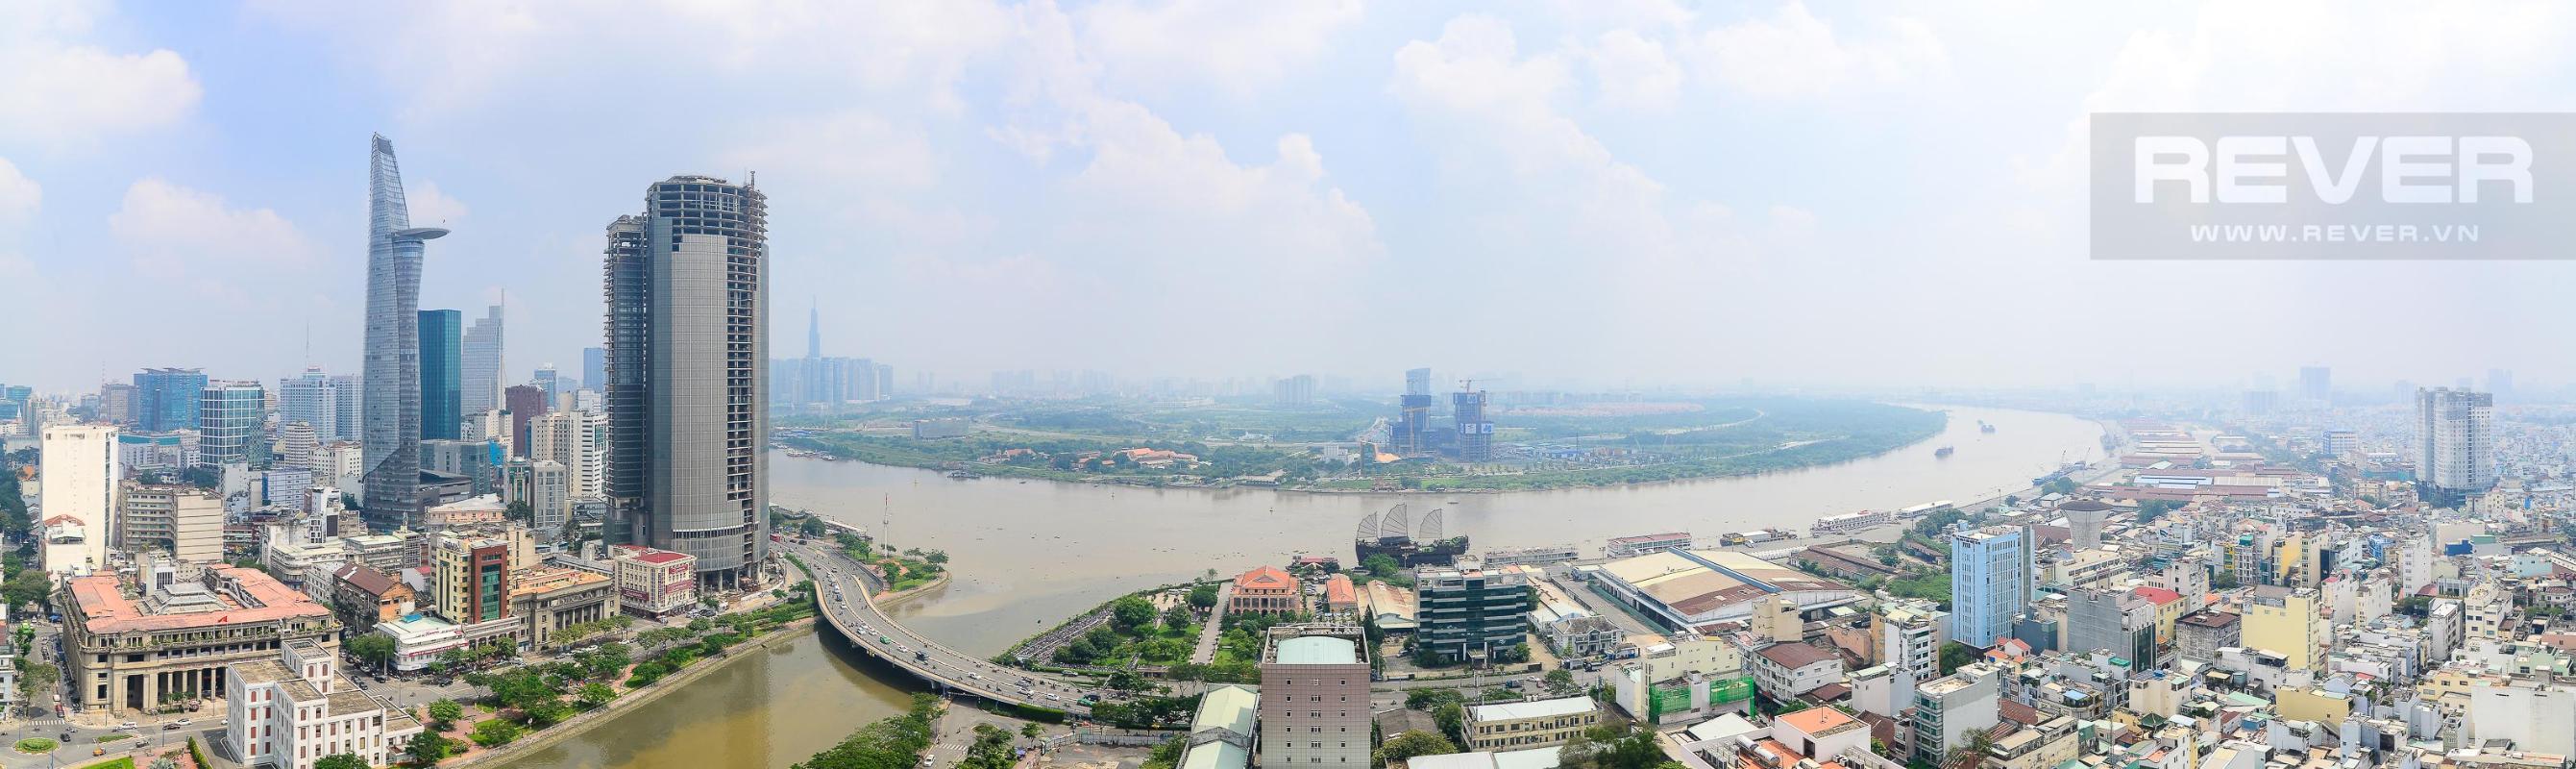 6946688429d9cf8796c8 Cho thuê căn hộ The Tresor 2PN, tháp TS1, diện tích 86m2, đầy đủ nội thất, view Bitexco và sông Sài Gòn